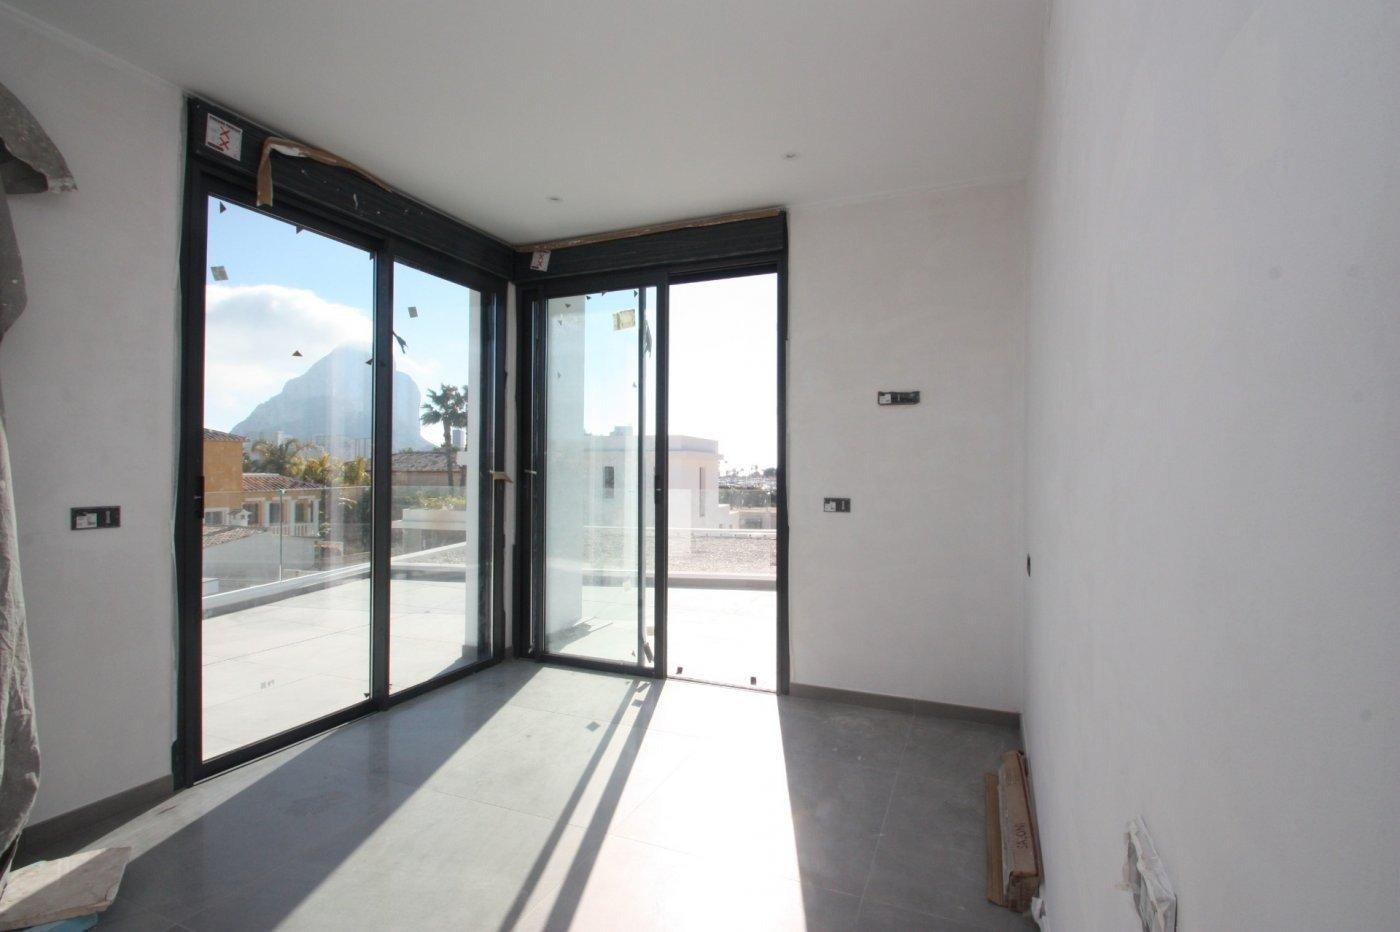 Villa de obra nueva de estilo moderno en venta en calpe a 600 m de la playa - imagenInmueble21